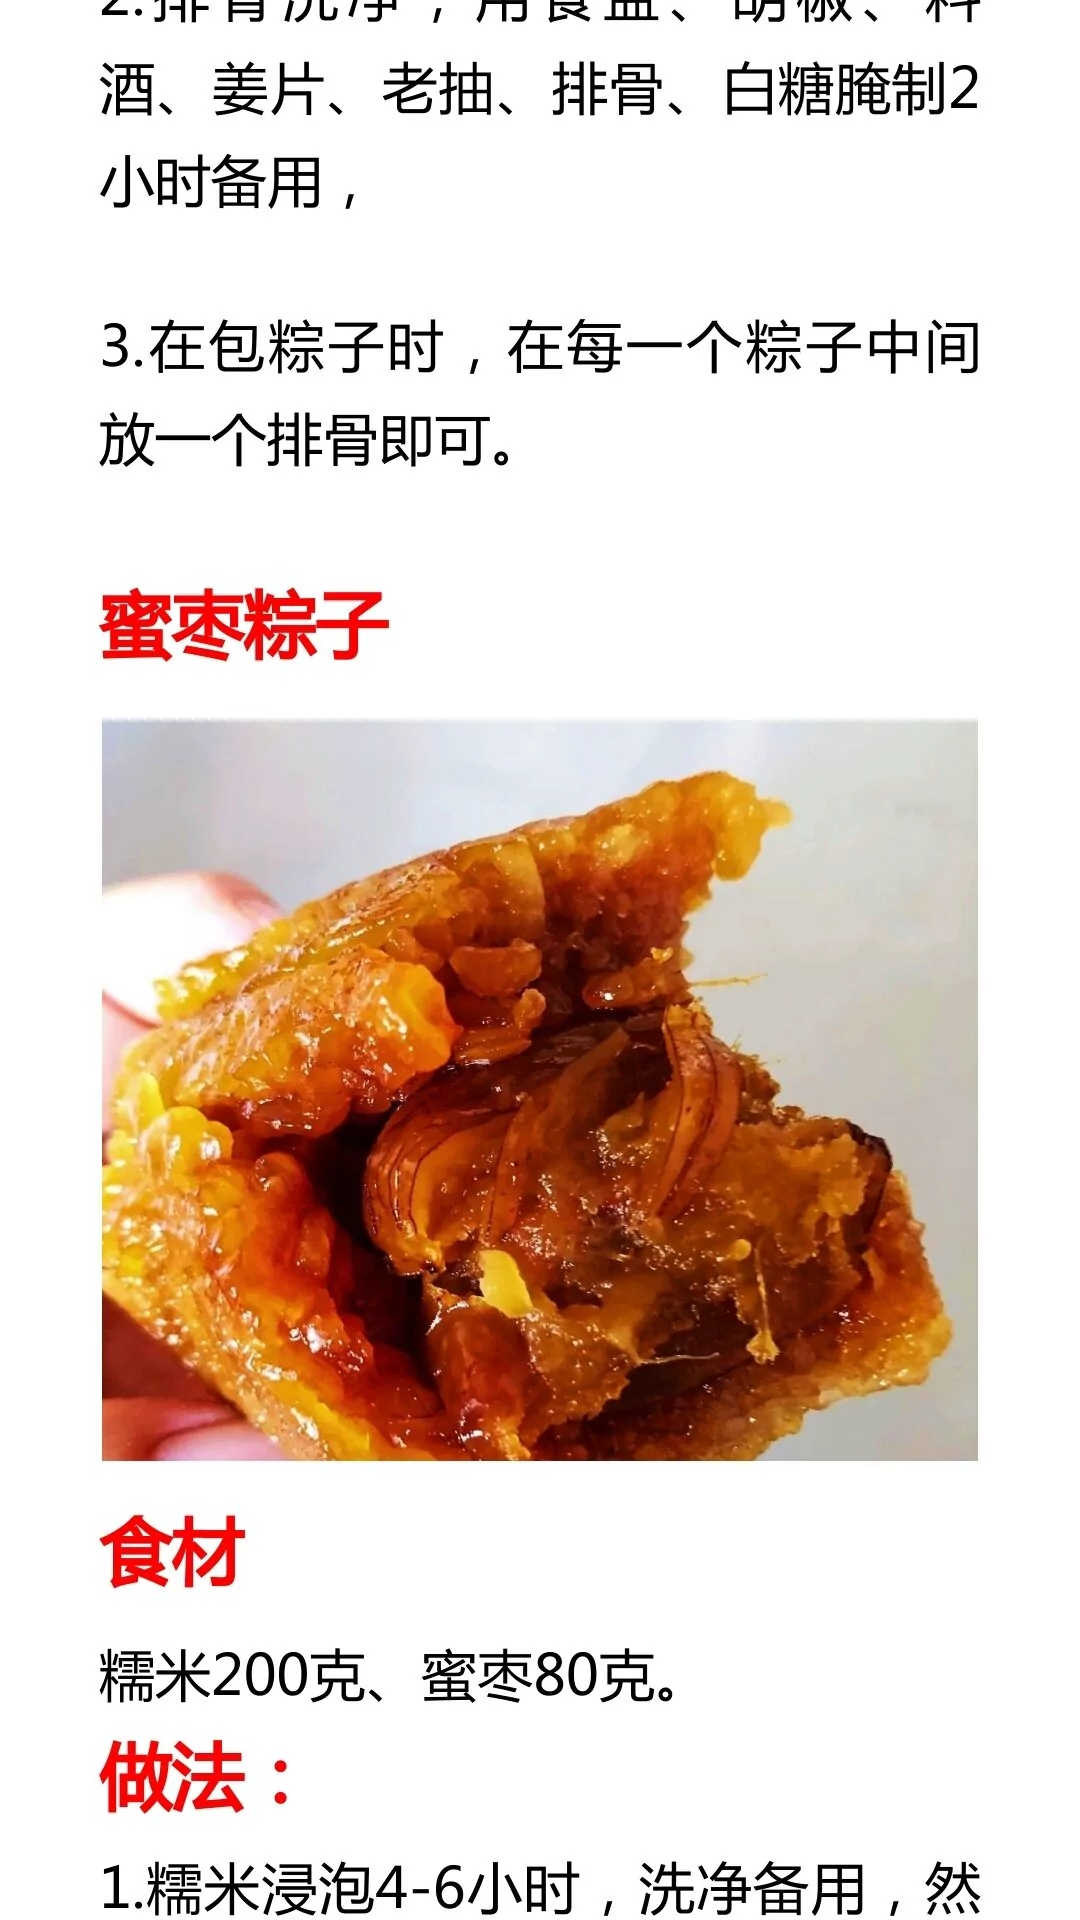 10种粽子的做法及配料!粽子馅种类大全!端午节粽子制作方法教程 美食做法 第13张